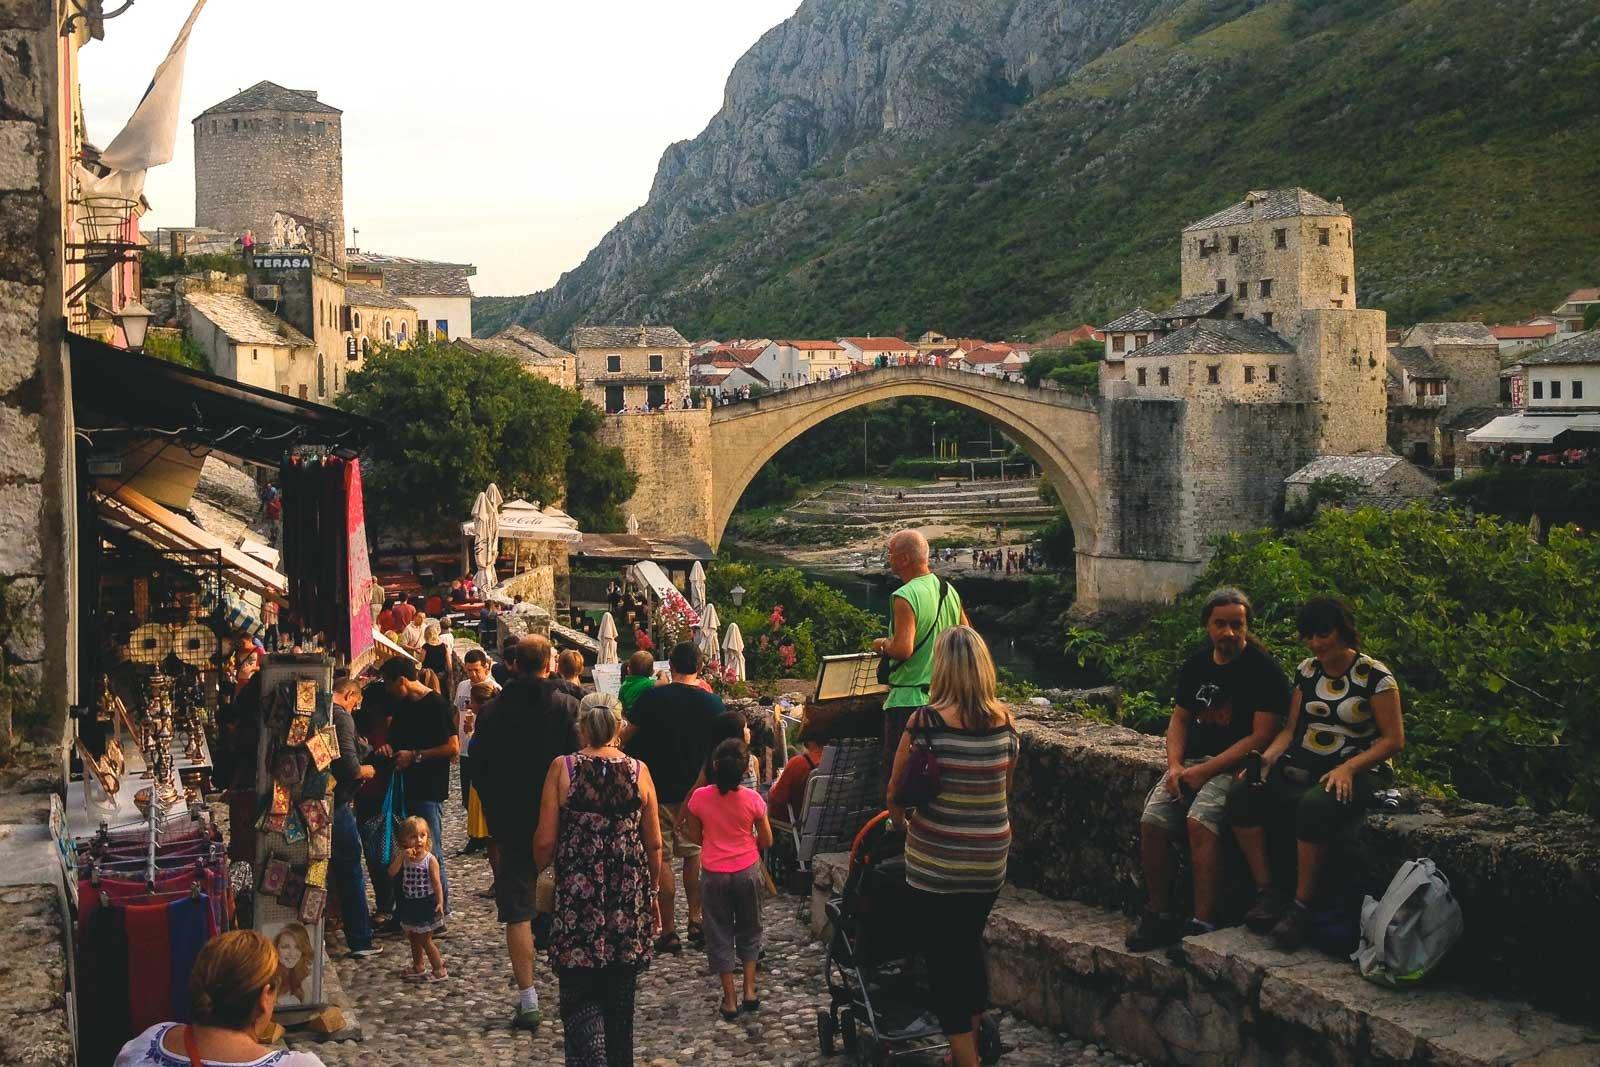 mostar-old-bridge-motorcycle-tours-europe